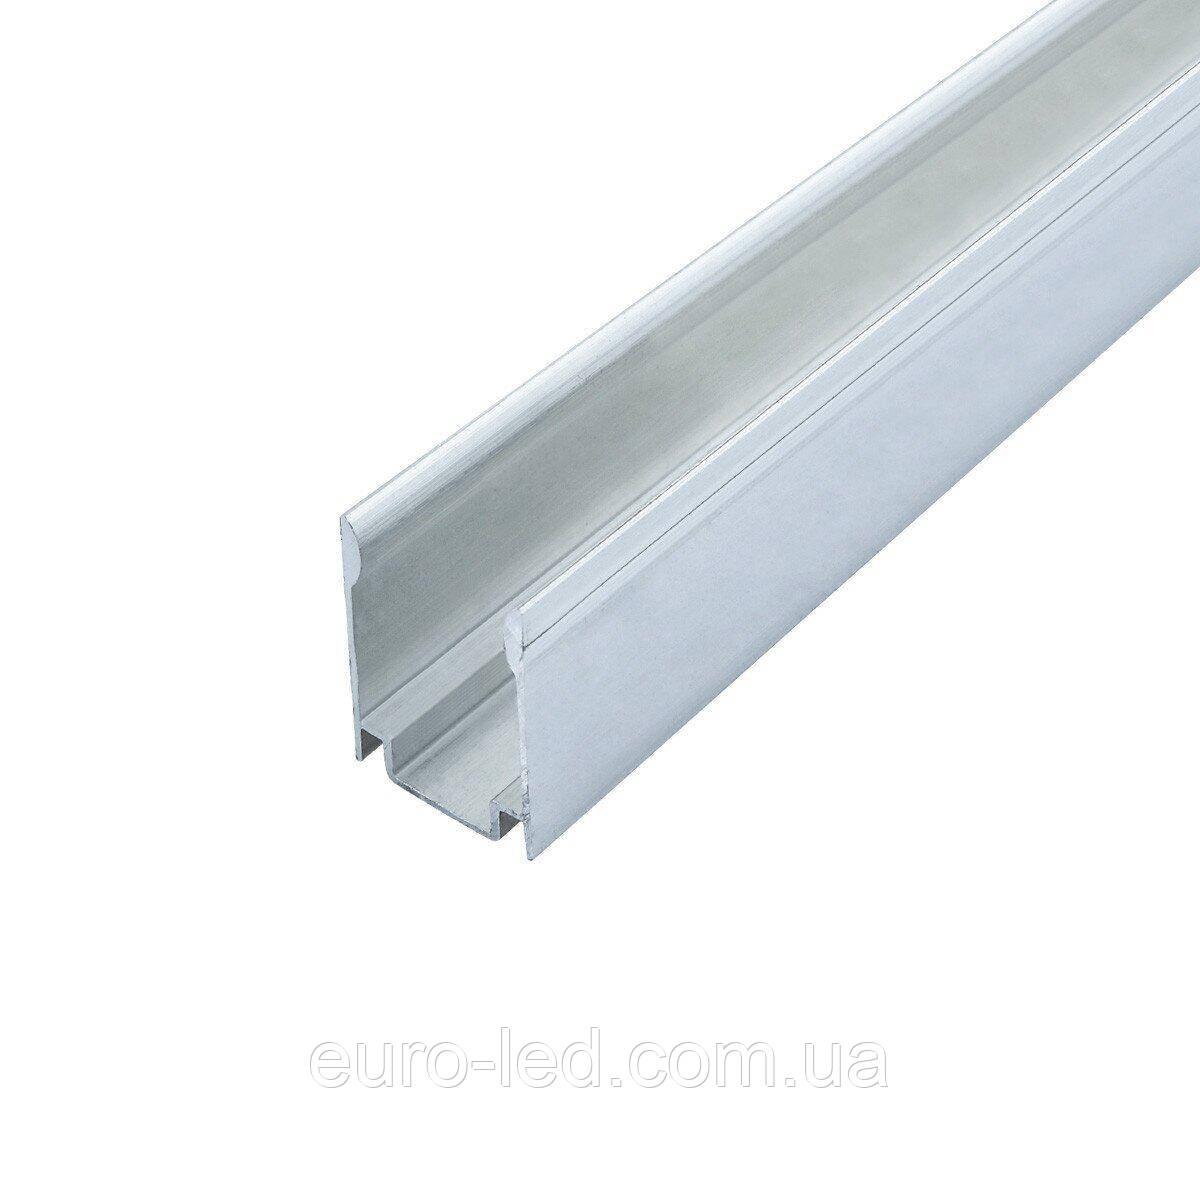 Профиль алюминиевый ПН-18 анод для крепления ленты NEON RGB, (палка 2м) м